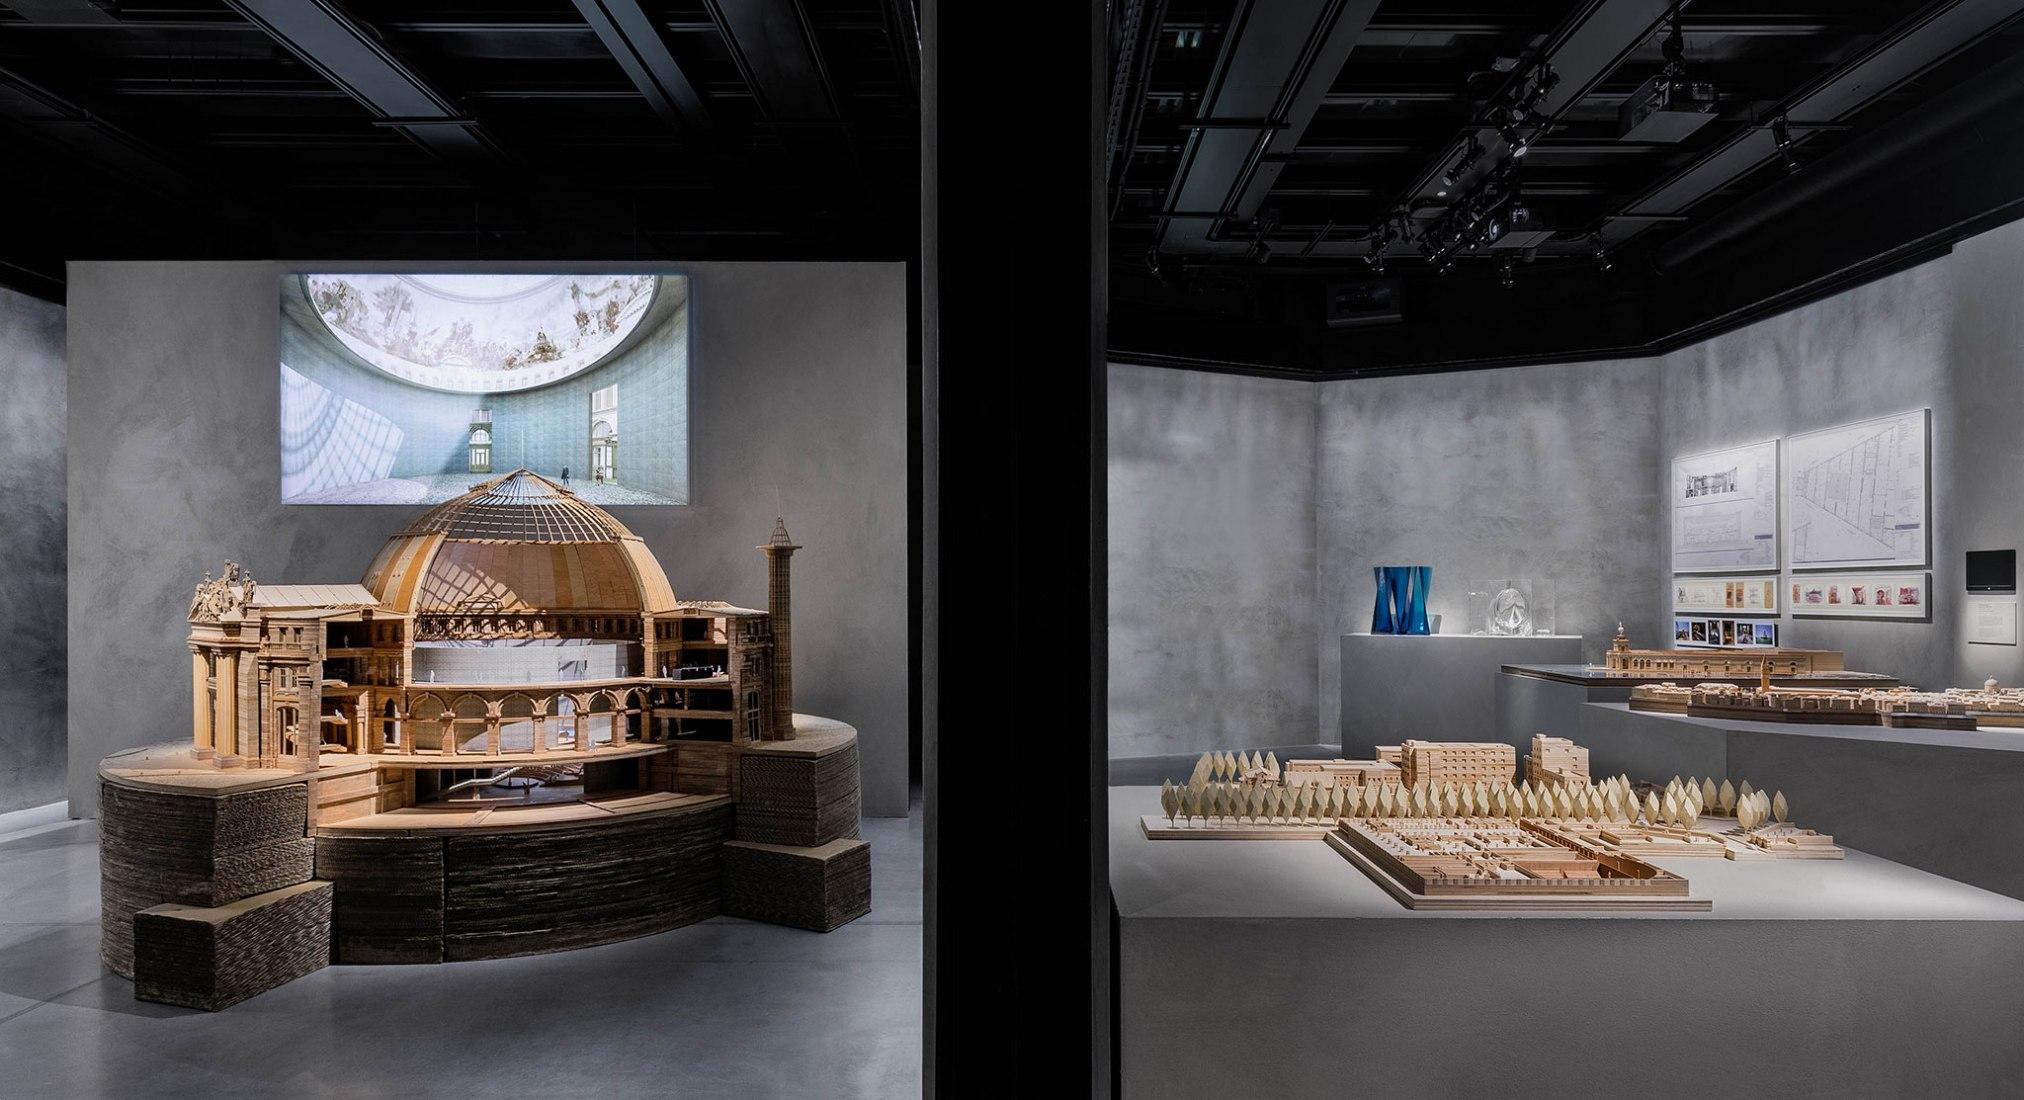 La exposición 'El Desafío'. Fotografía de Delfino Sisto Legnani y Marco Cappelletti.